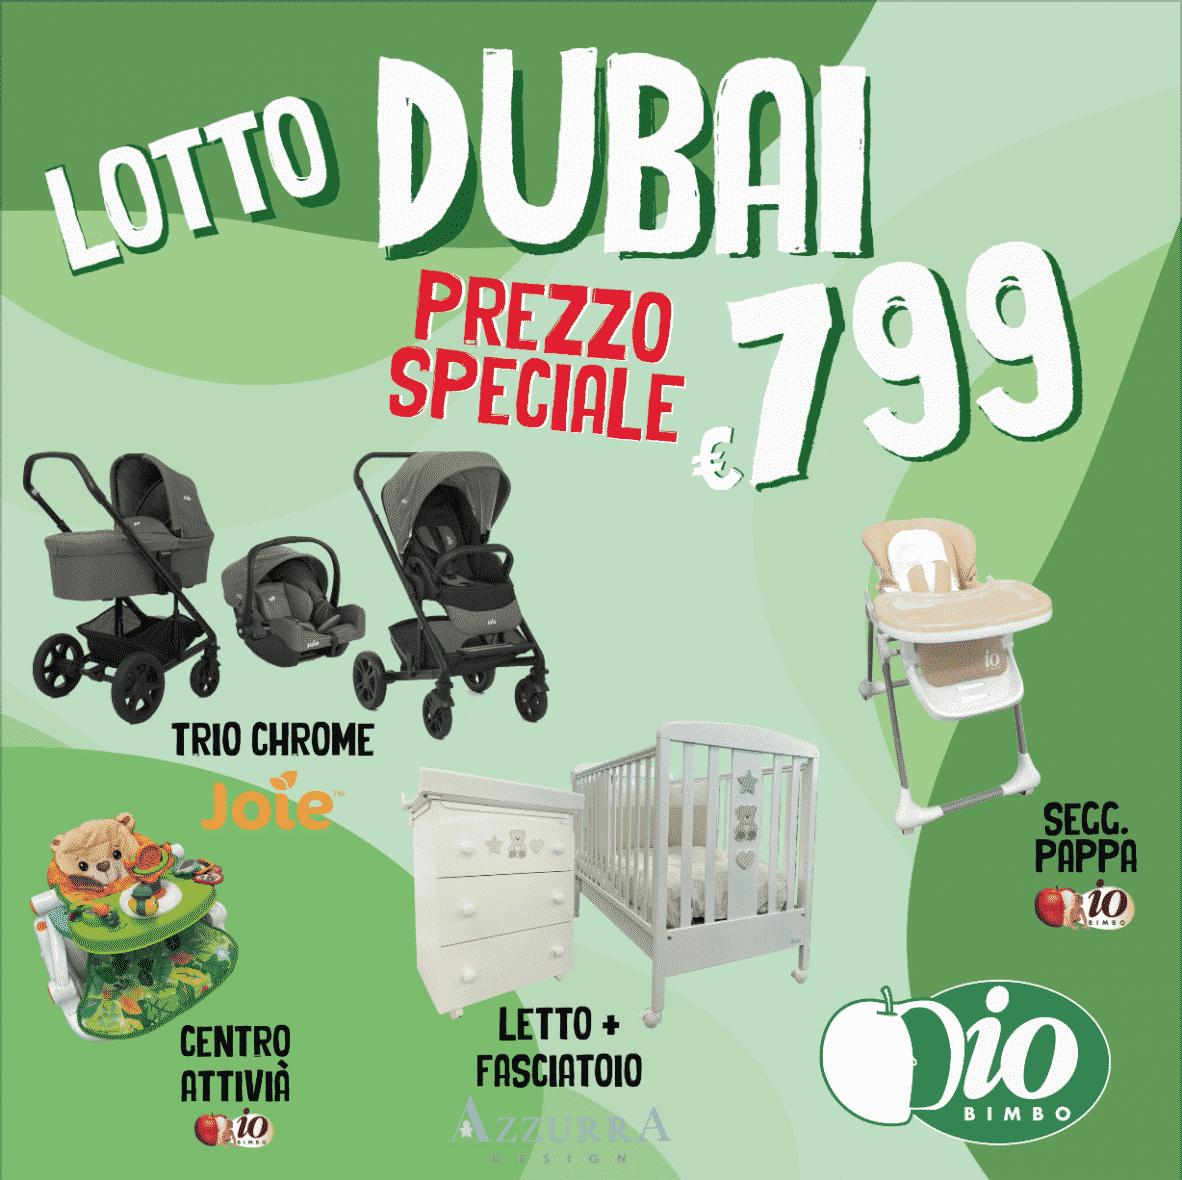 Lotto Dubai